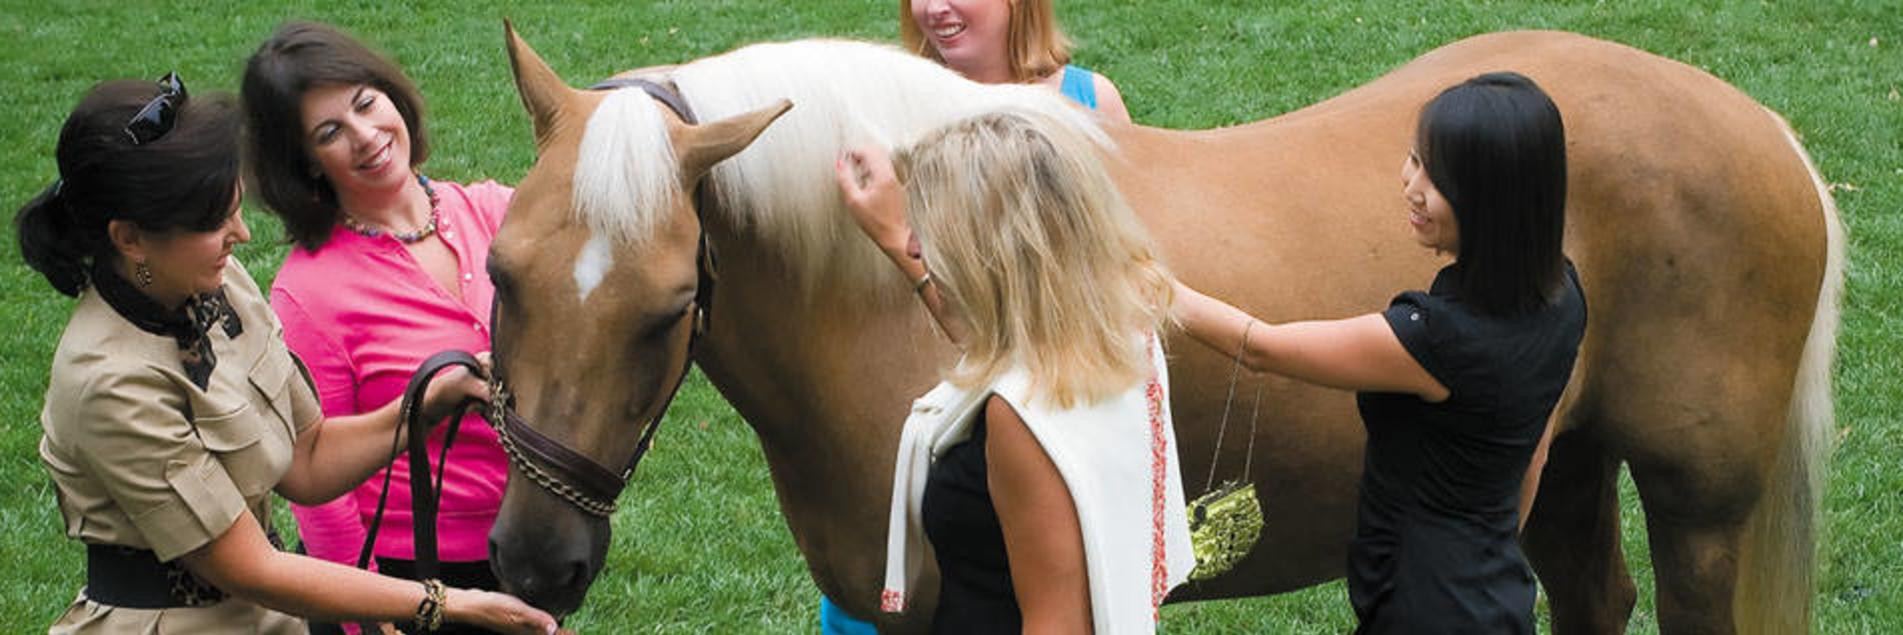 Ladies Feeding Horse